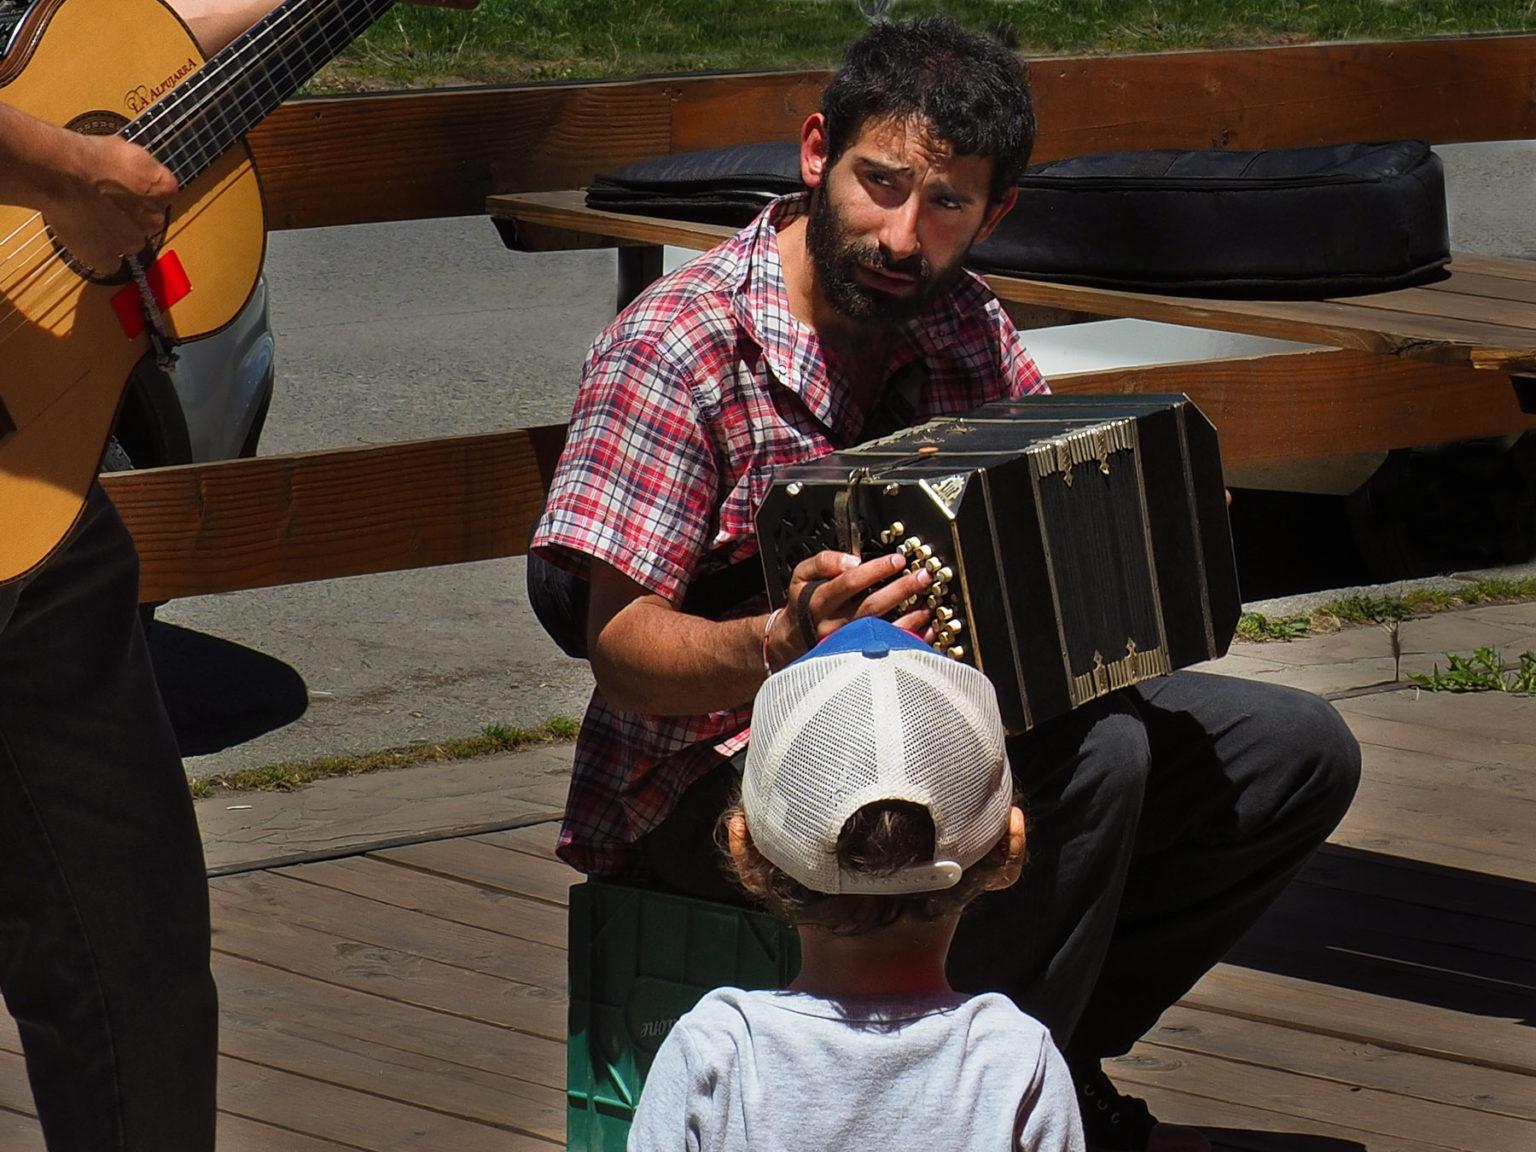 Ein kleiner Musikfreund